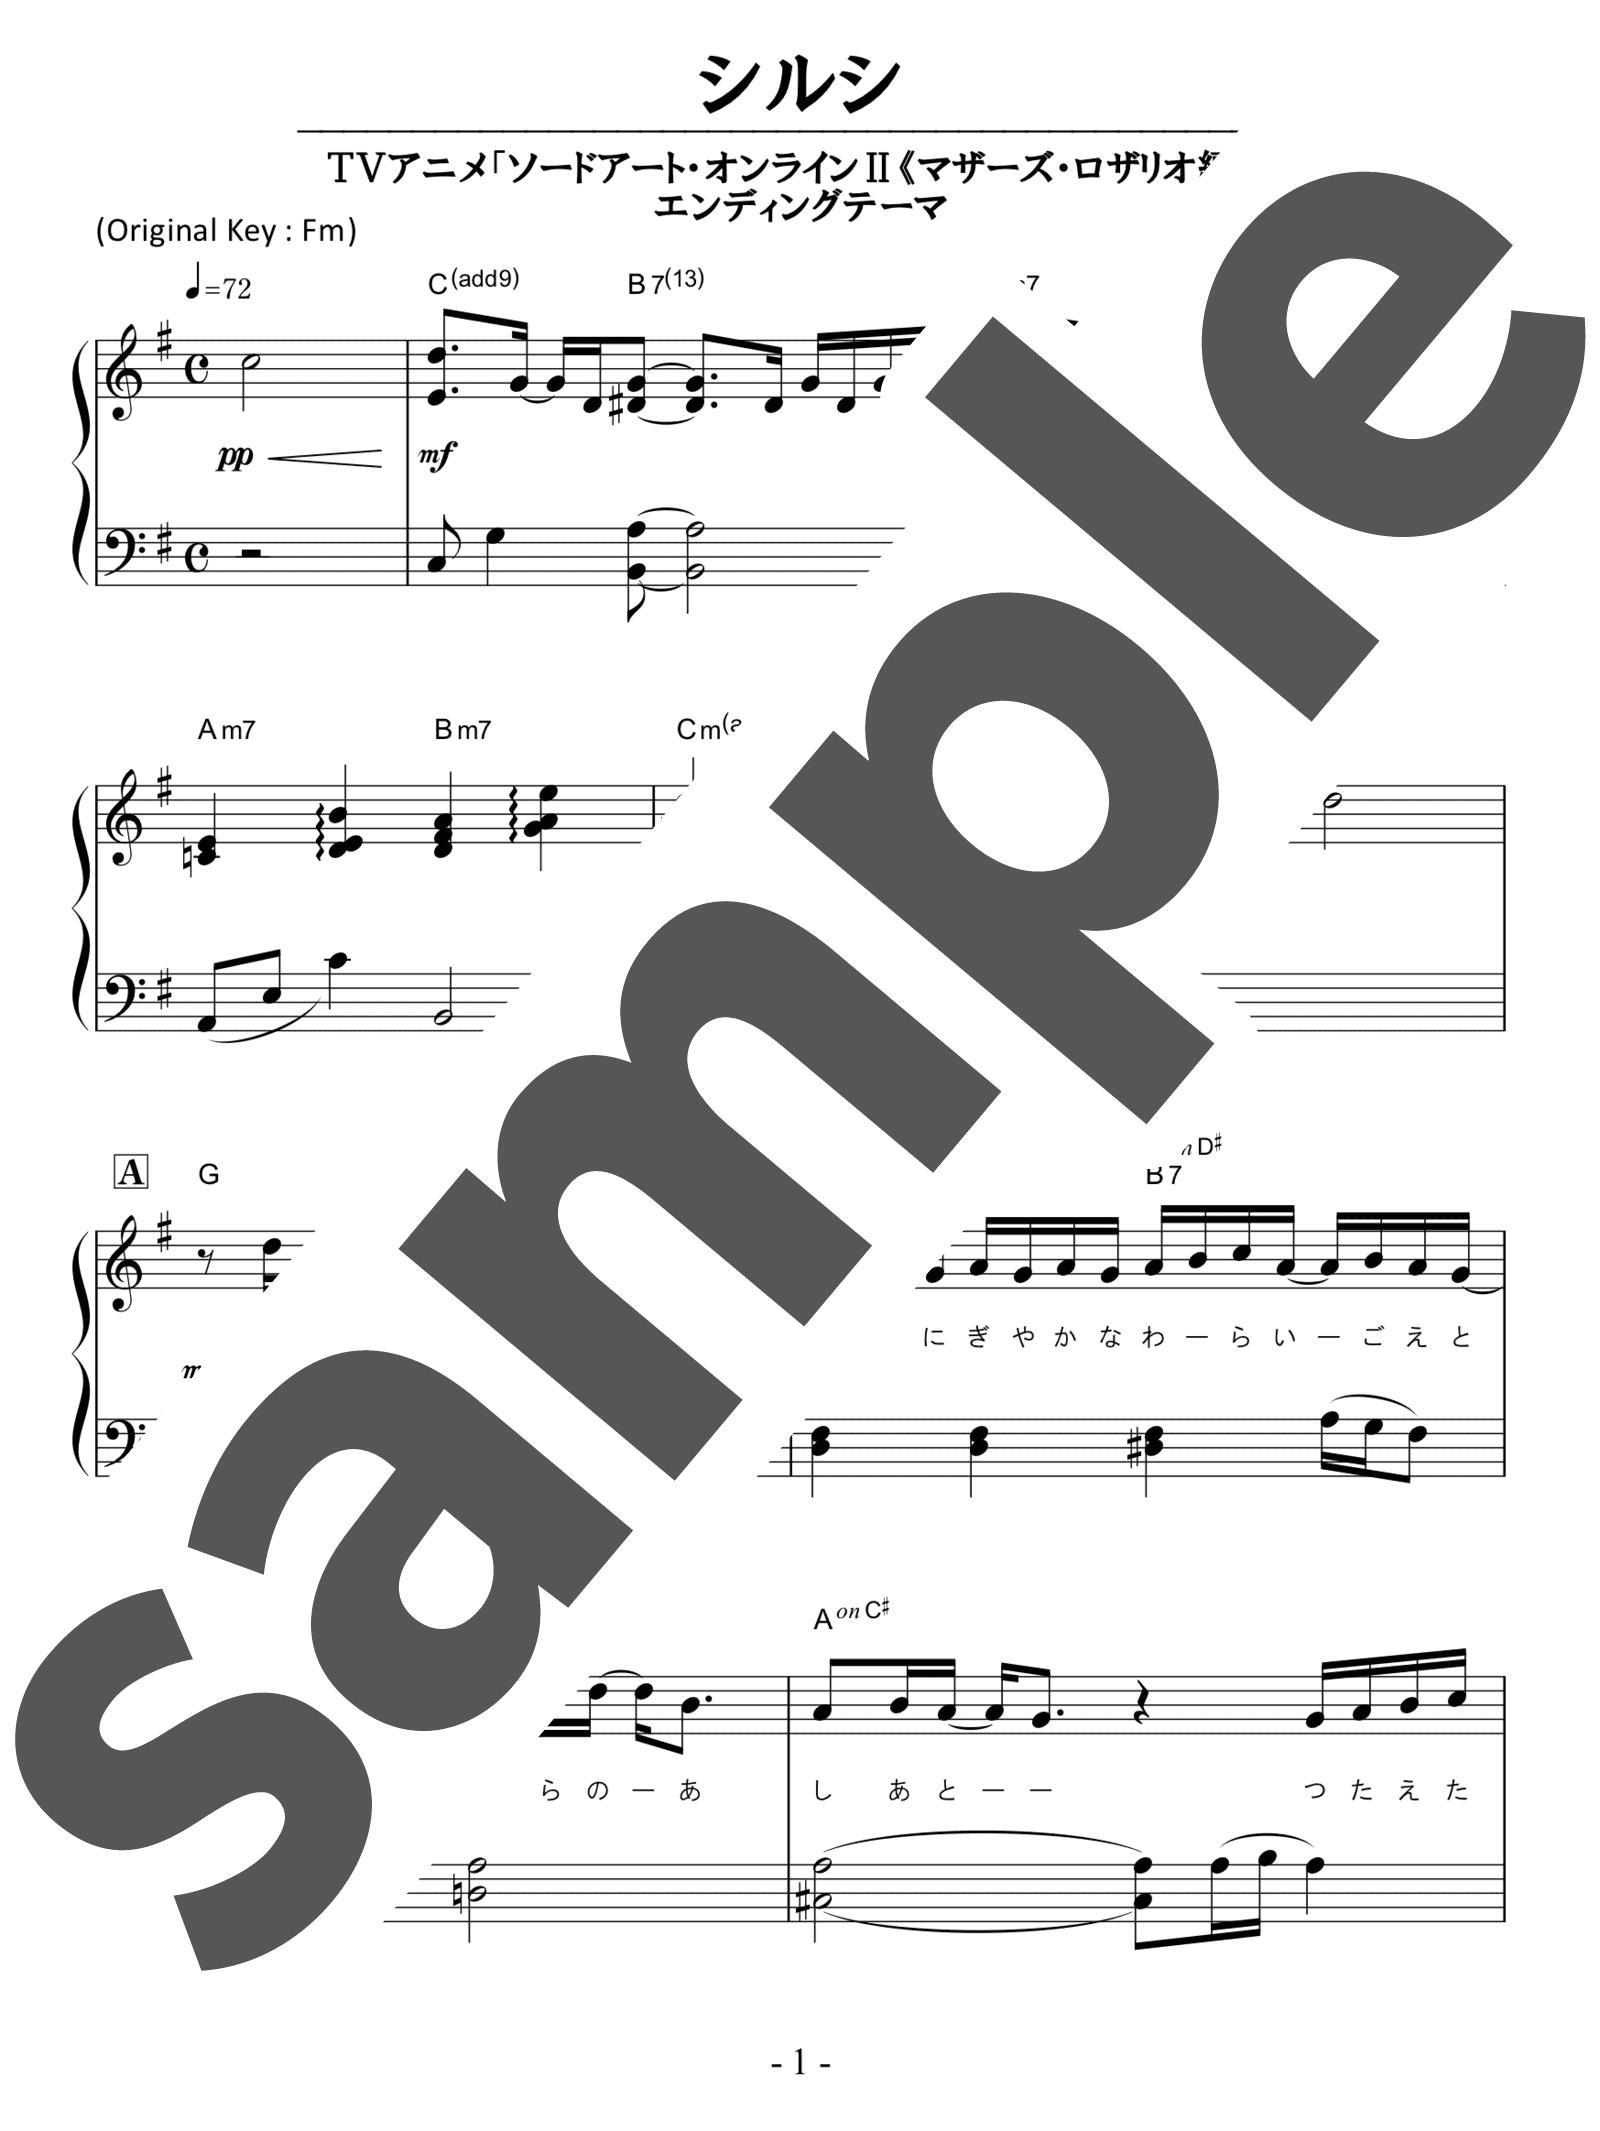 「シルシ」のサンプル楽譜